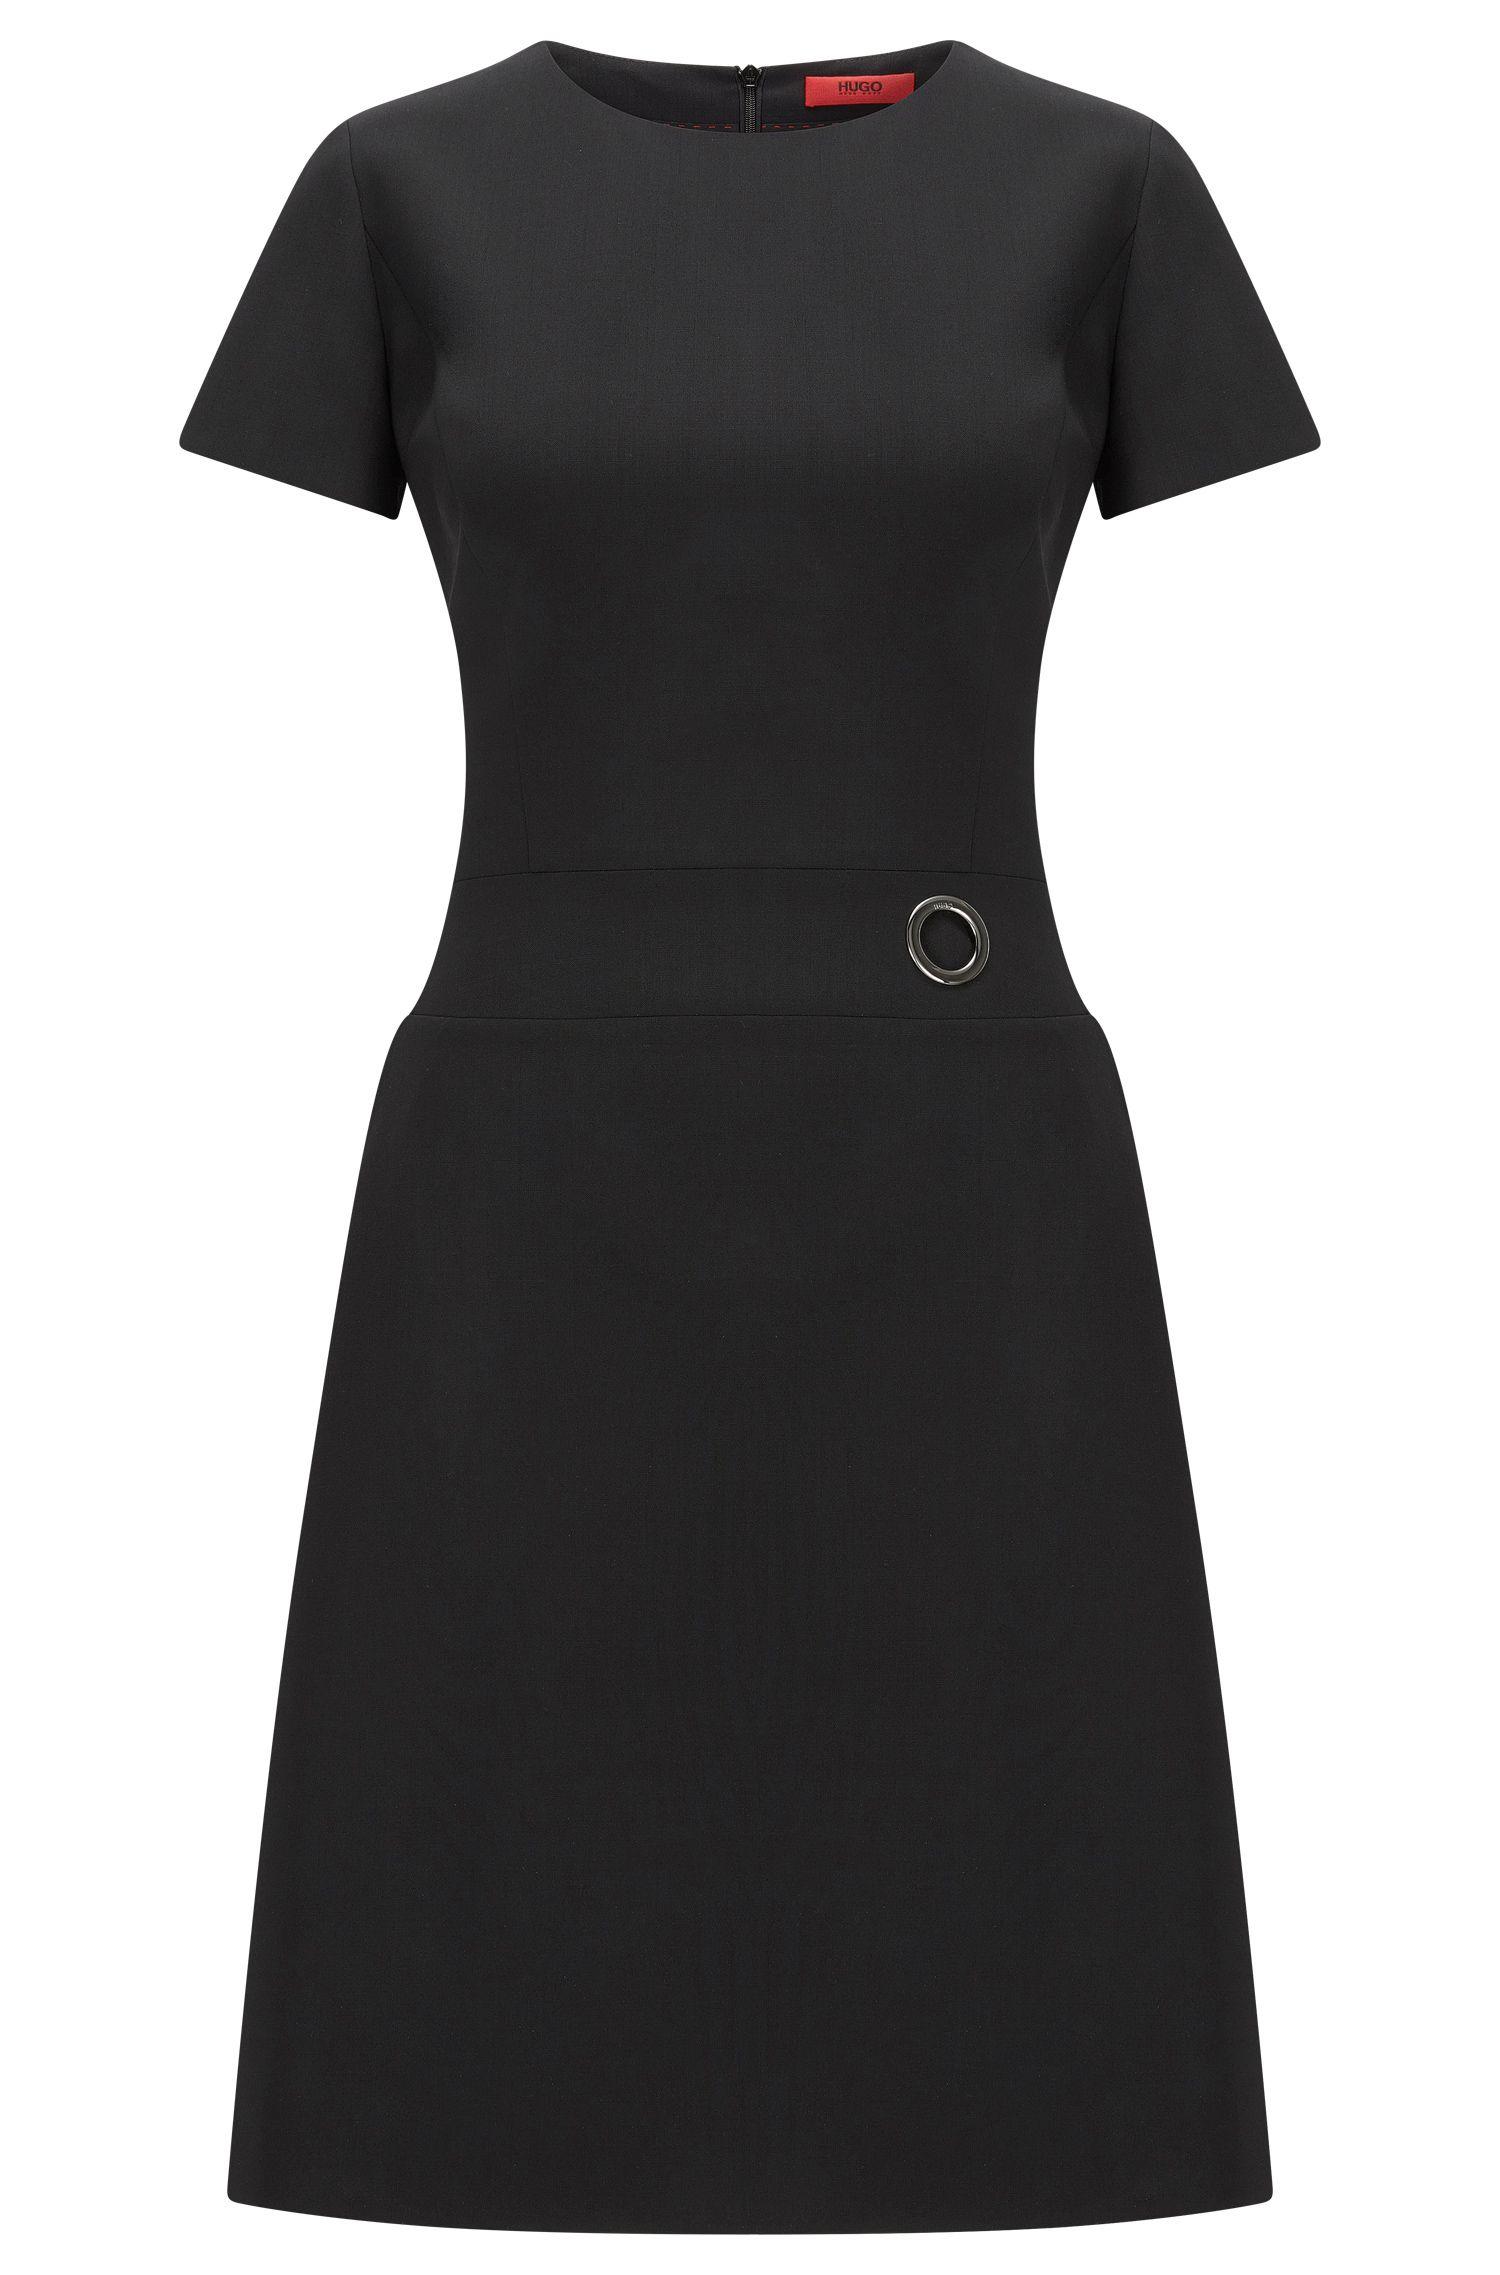 Kleid aus elastischer Schurwolle mit kurzen Ärmeln